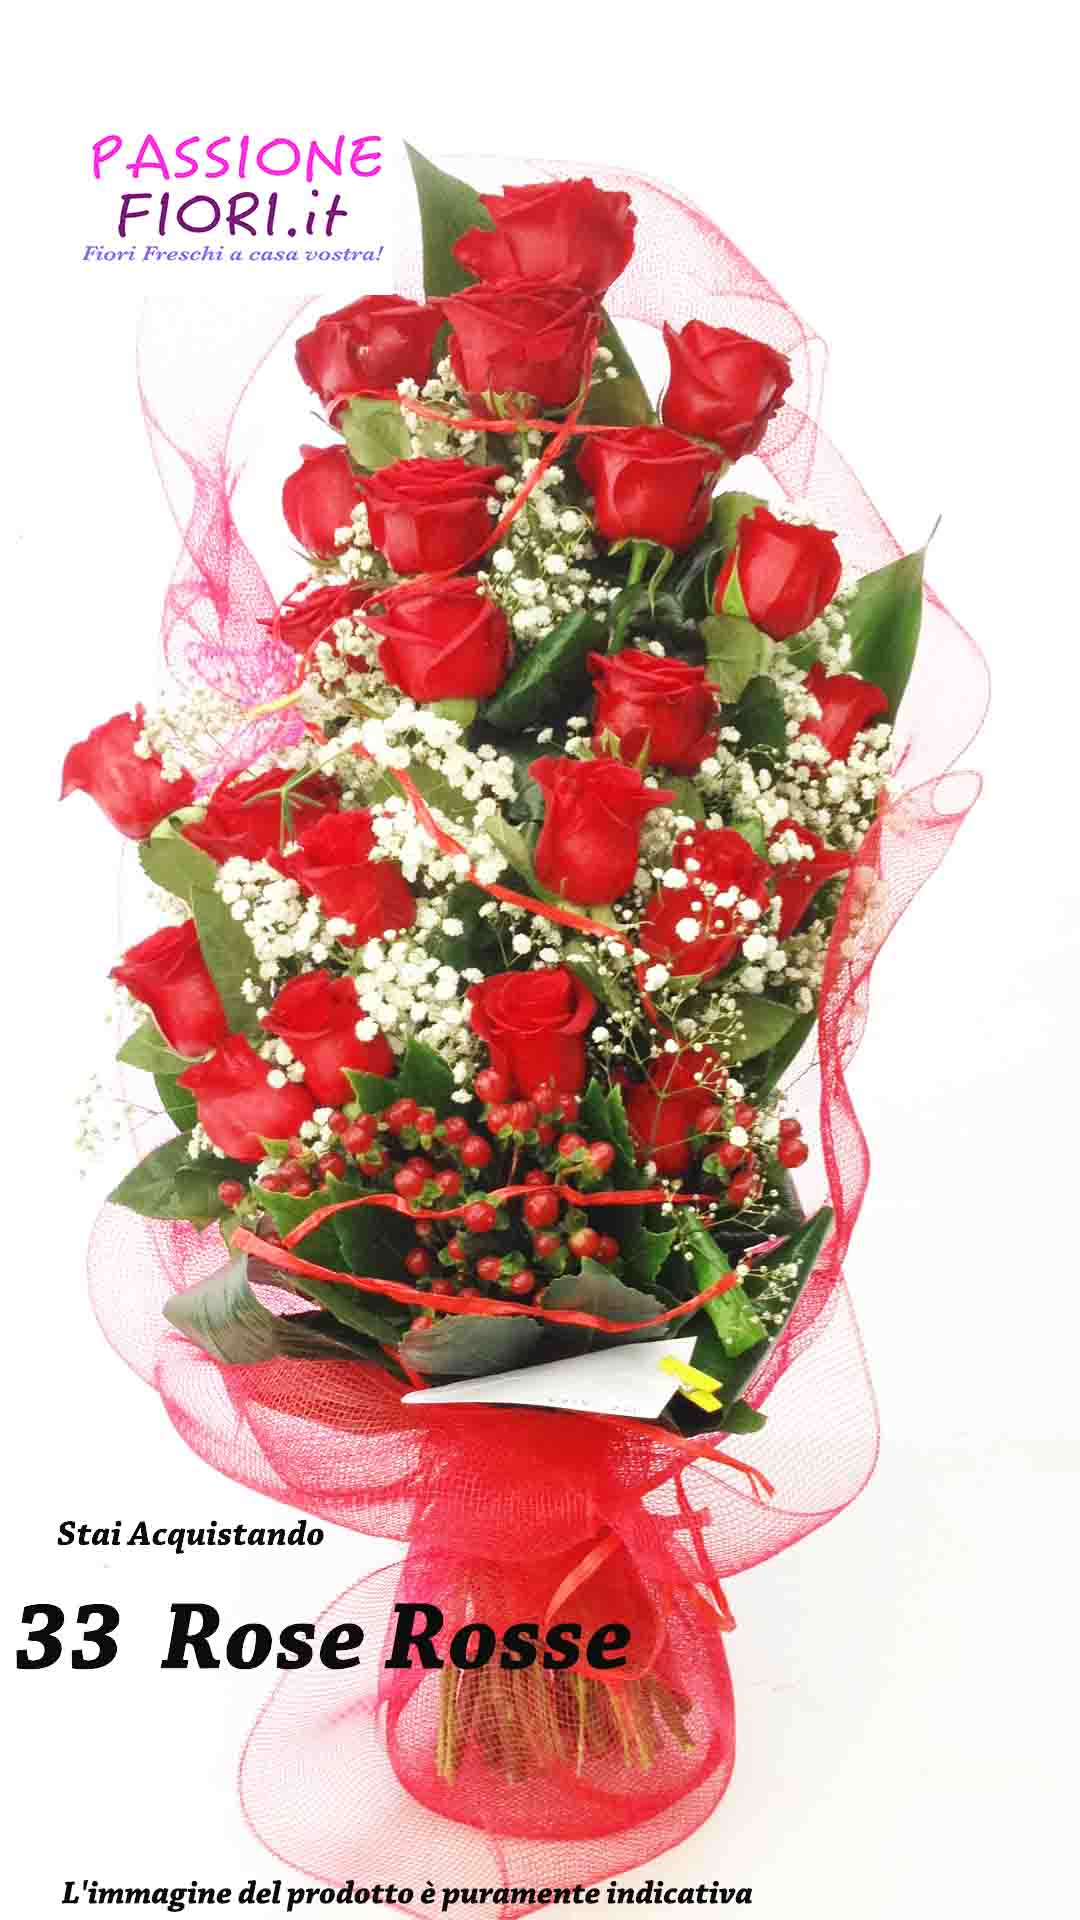 Come Fare Un Mazzo Di Fiori.33 Rose Rosse Passionefiori It Fiori Freschi A Casa Tua